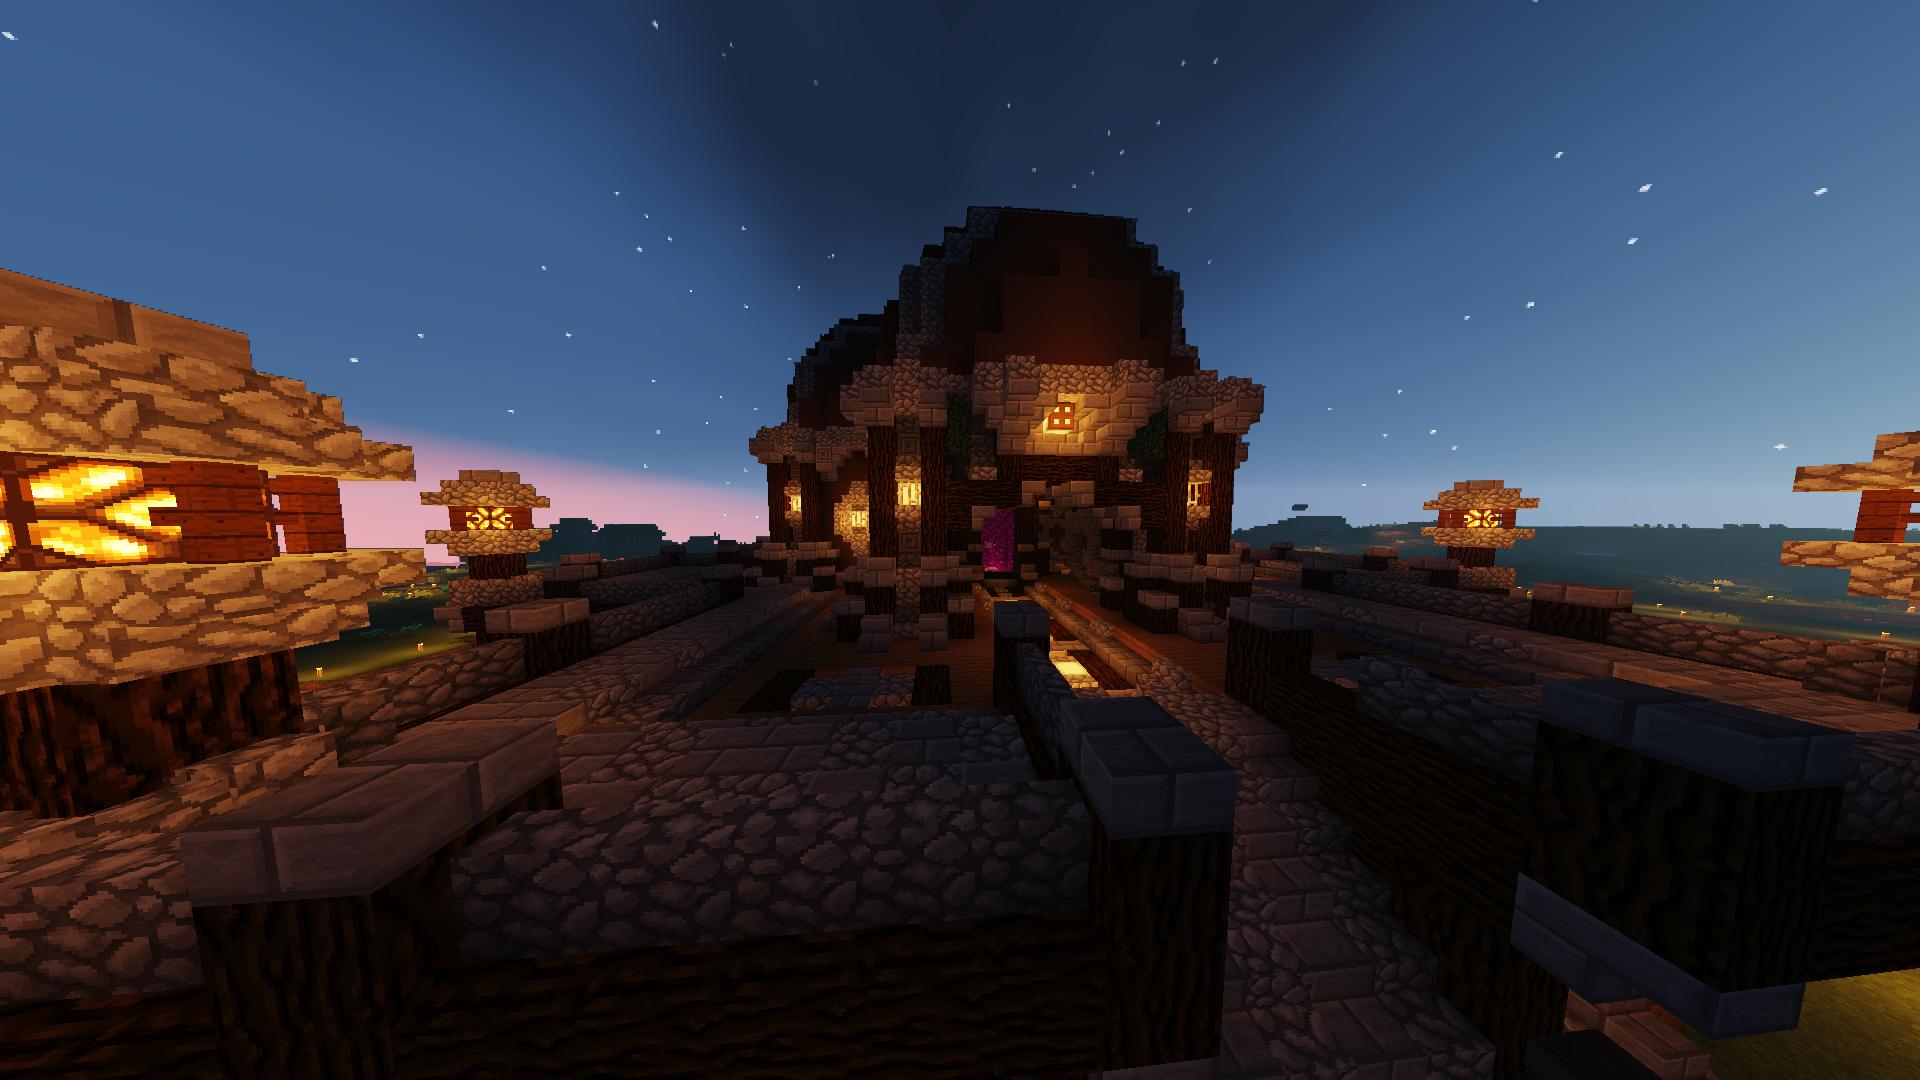 Hintergrundbilder Minecraft Shader 1920x1080